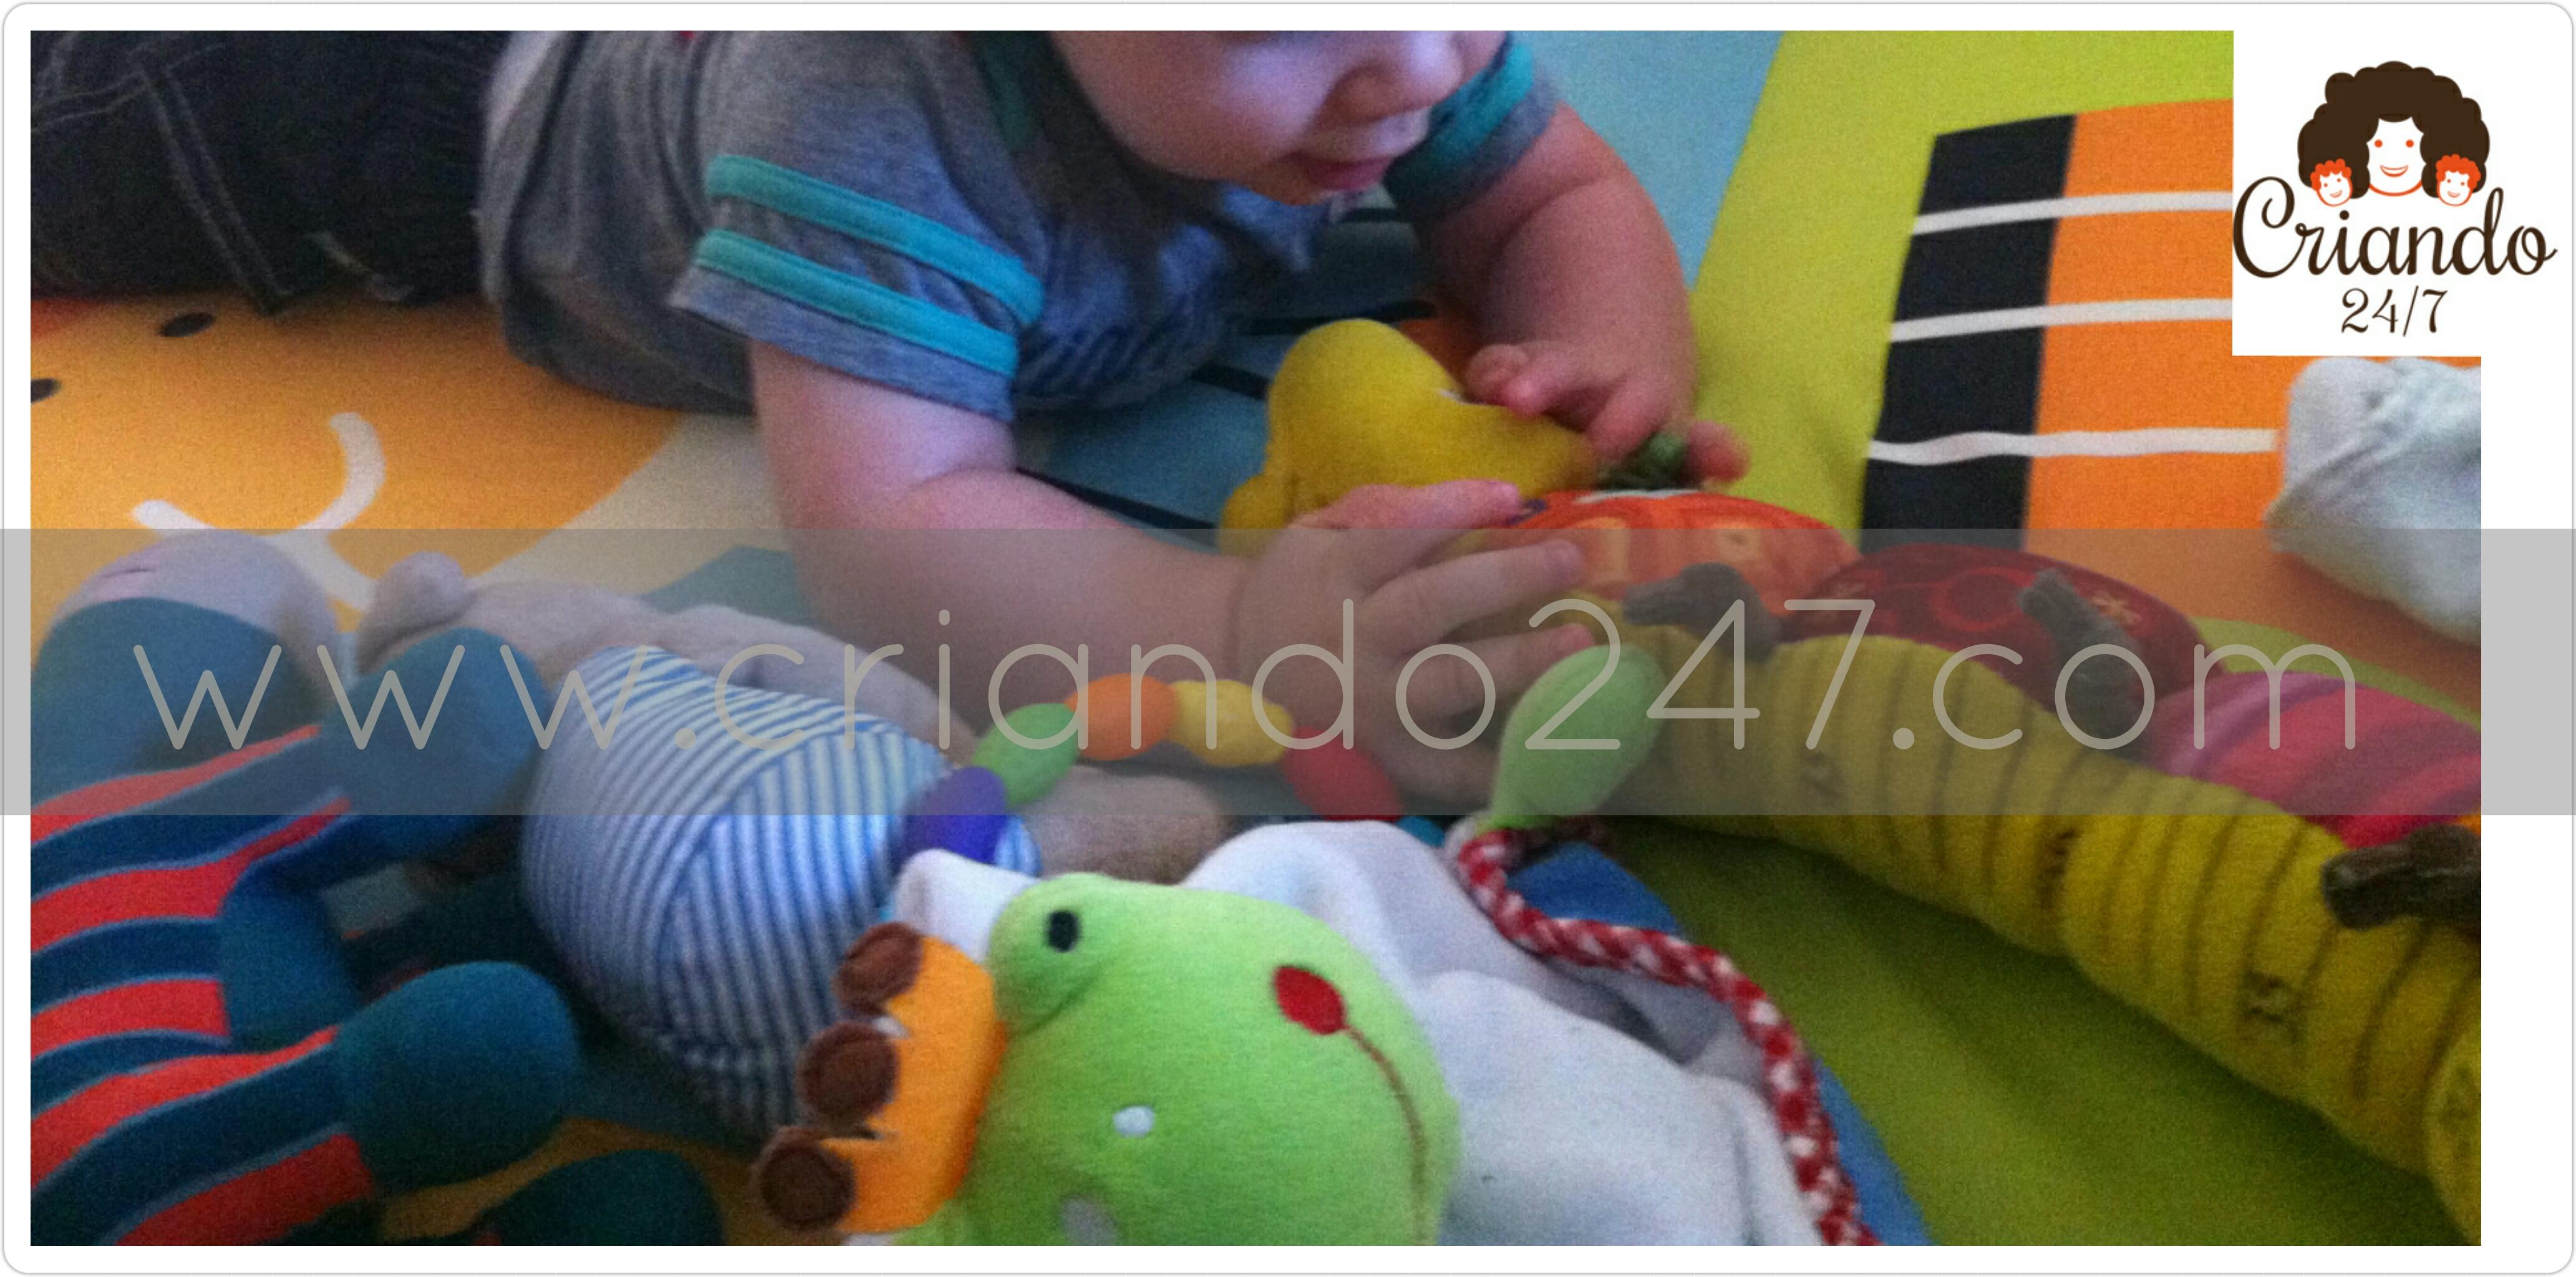 mi hijo con 9 meses acostado en el suelo boca abajo, rodeado de peluches mientras mira y toca uno de ellos con forma de cienpies